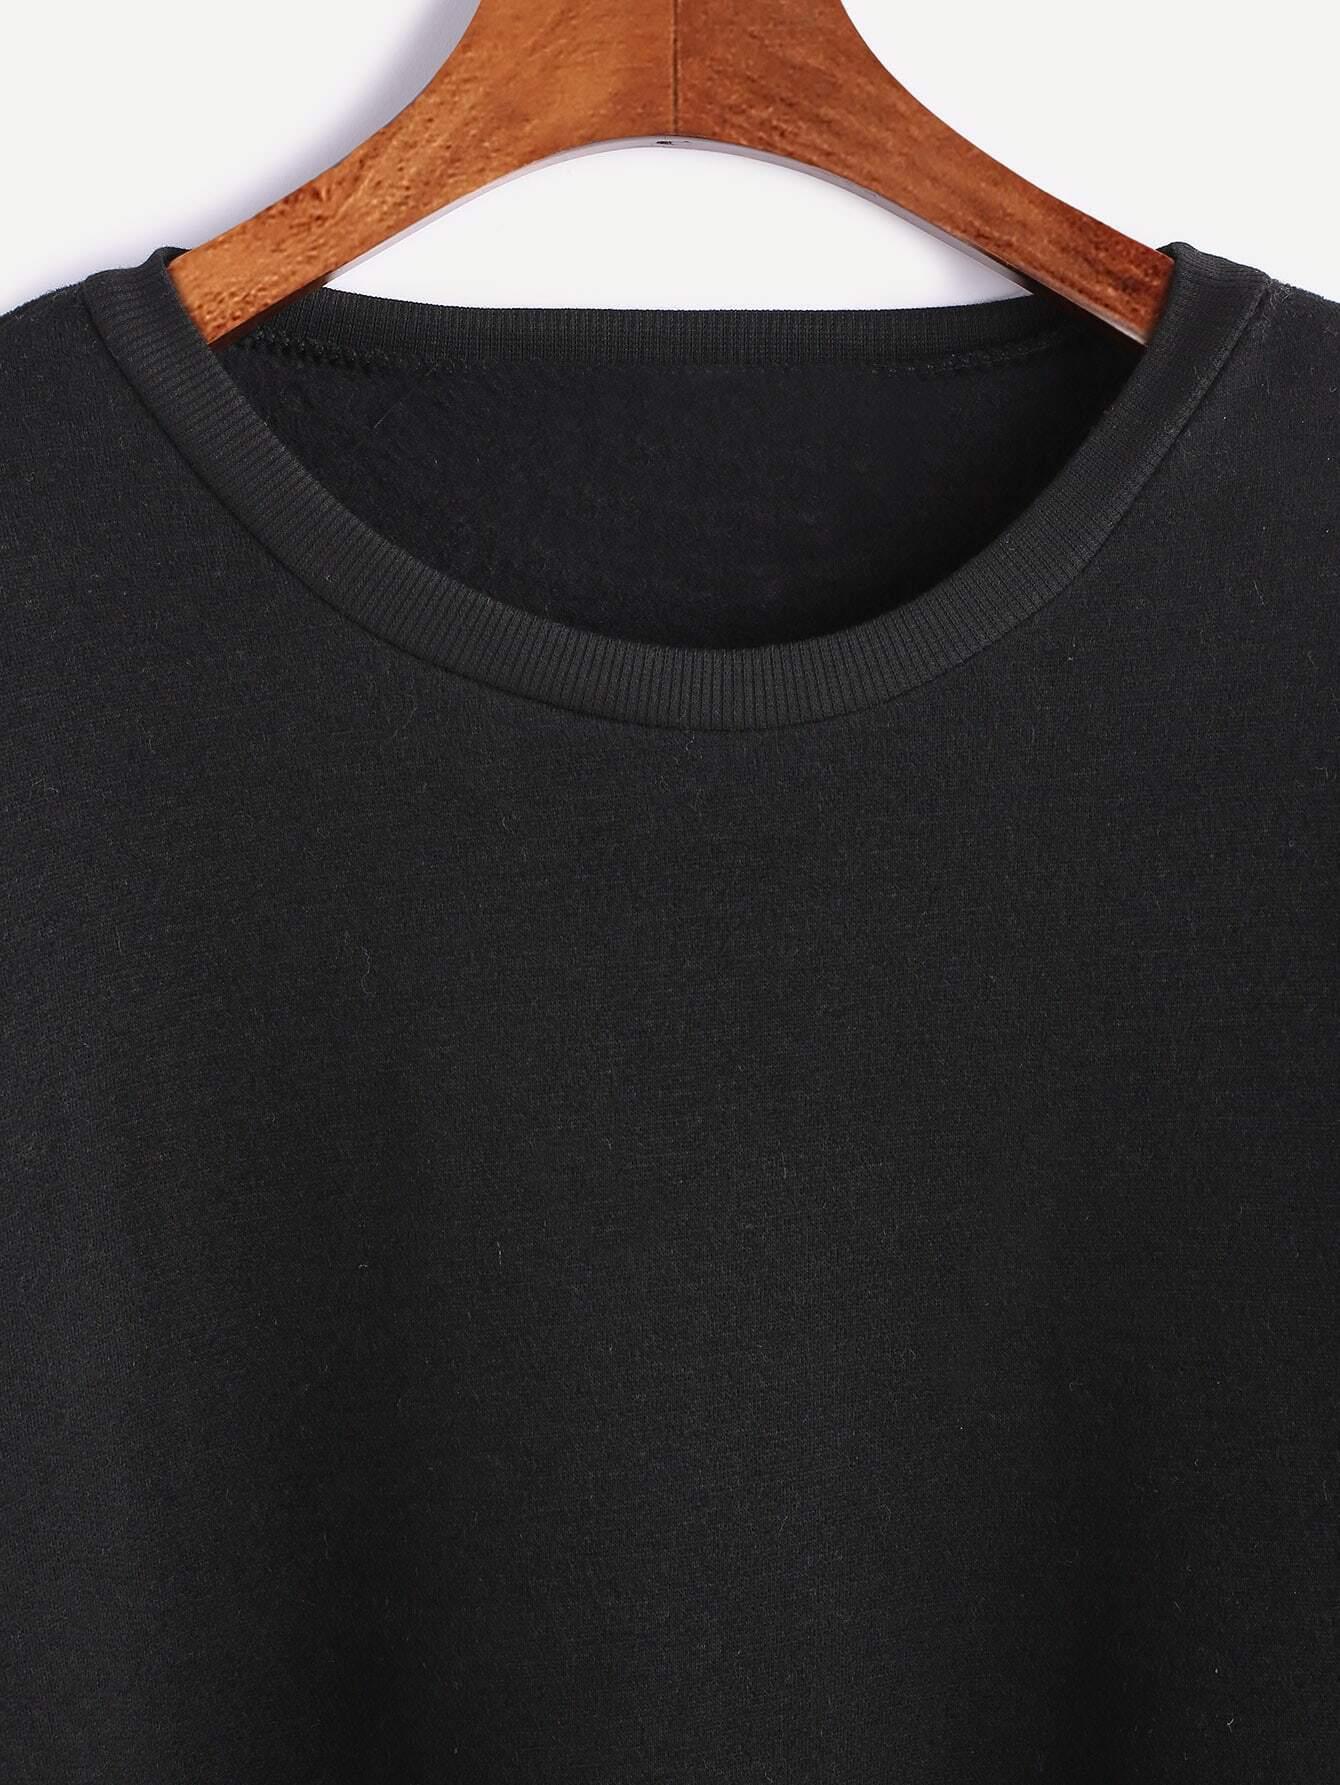 sweatshirt161125106_2